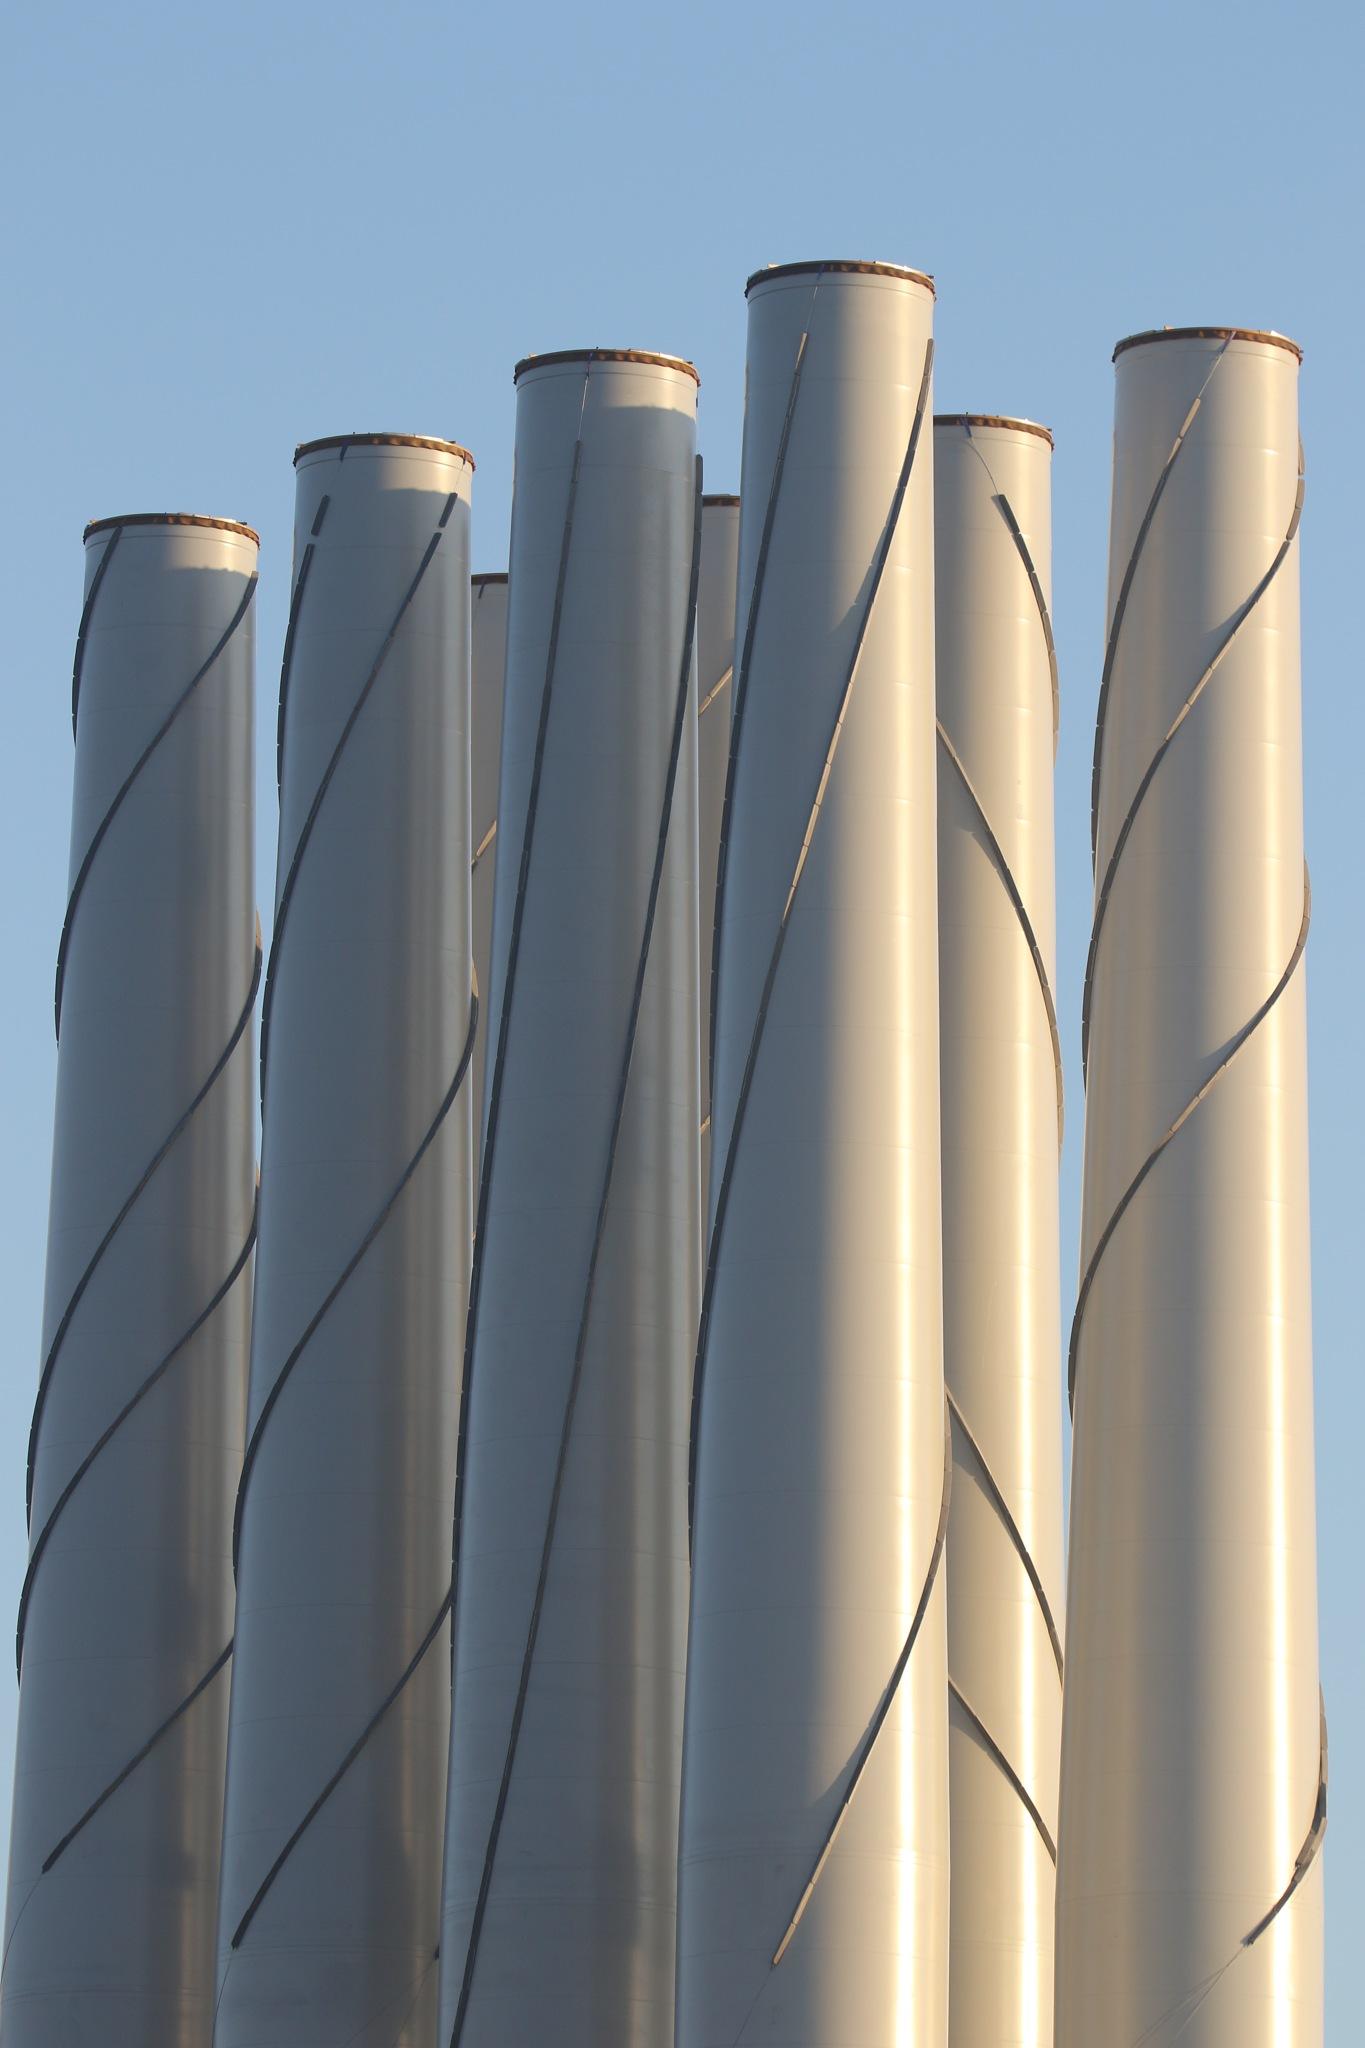 Siemens . by Petehudson